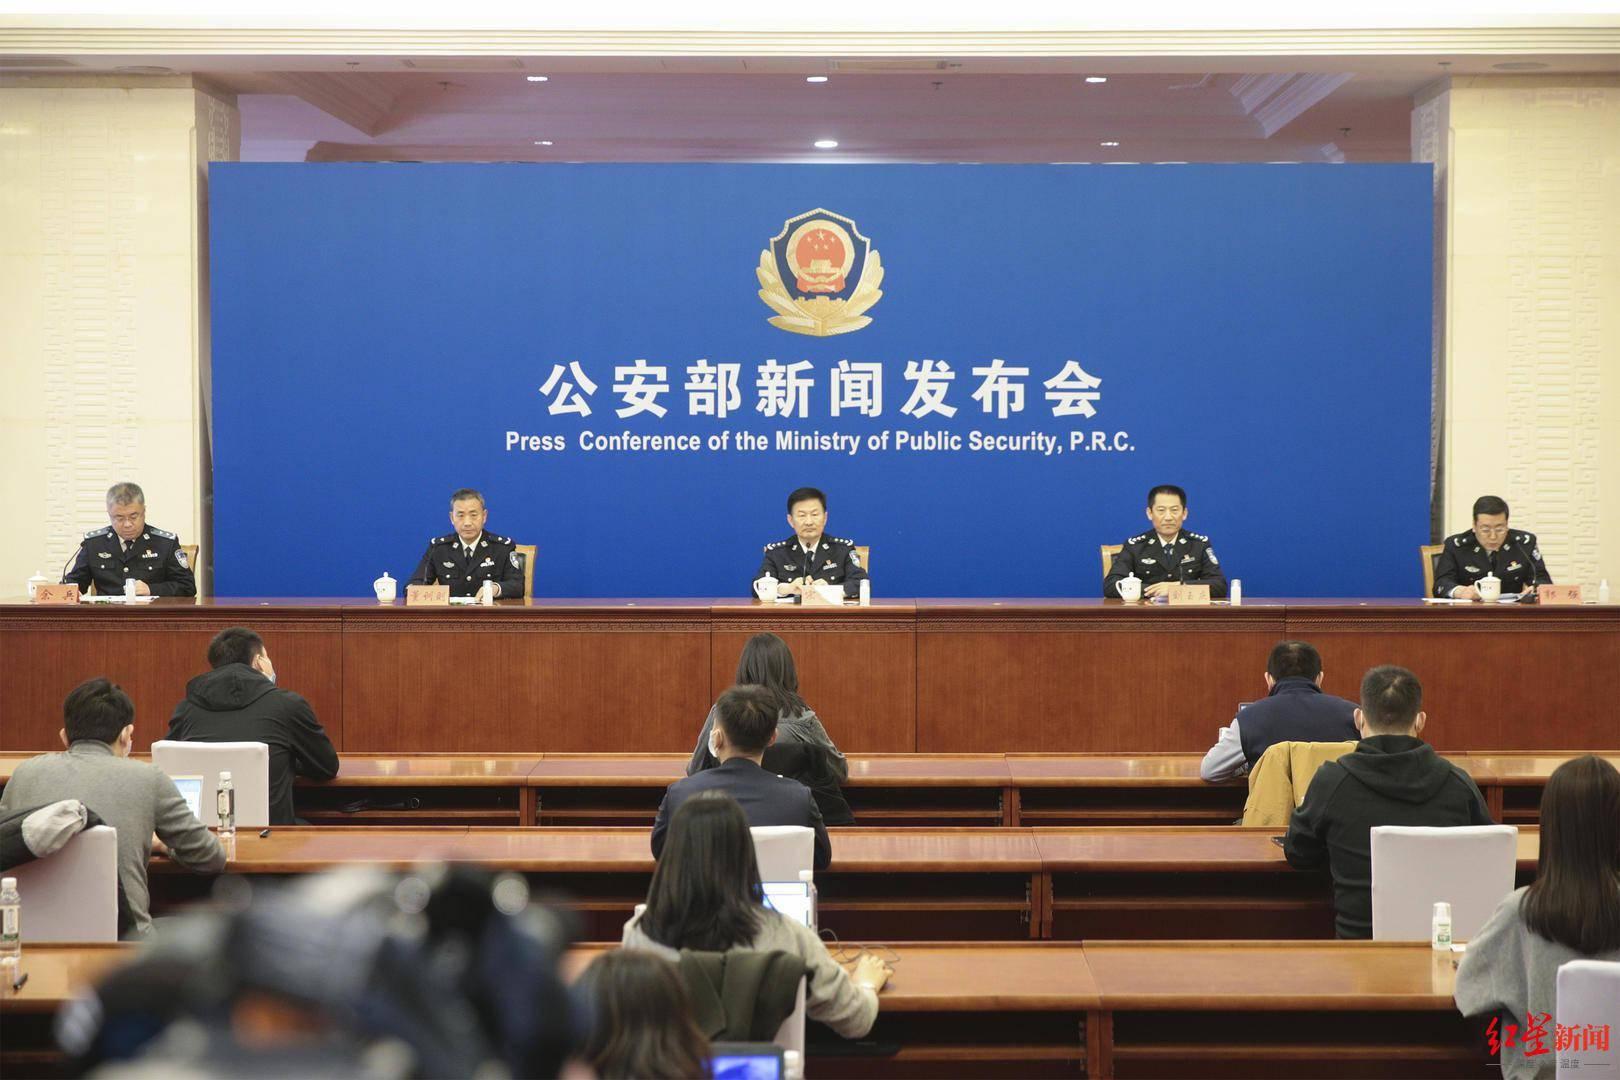 云上办展、600余家警用装备企业……中国国际警用装备博览会将在京举办